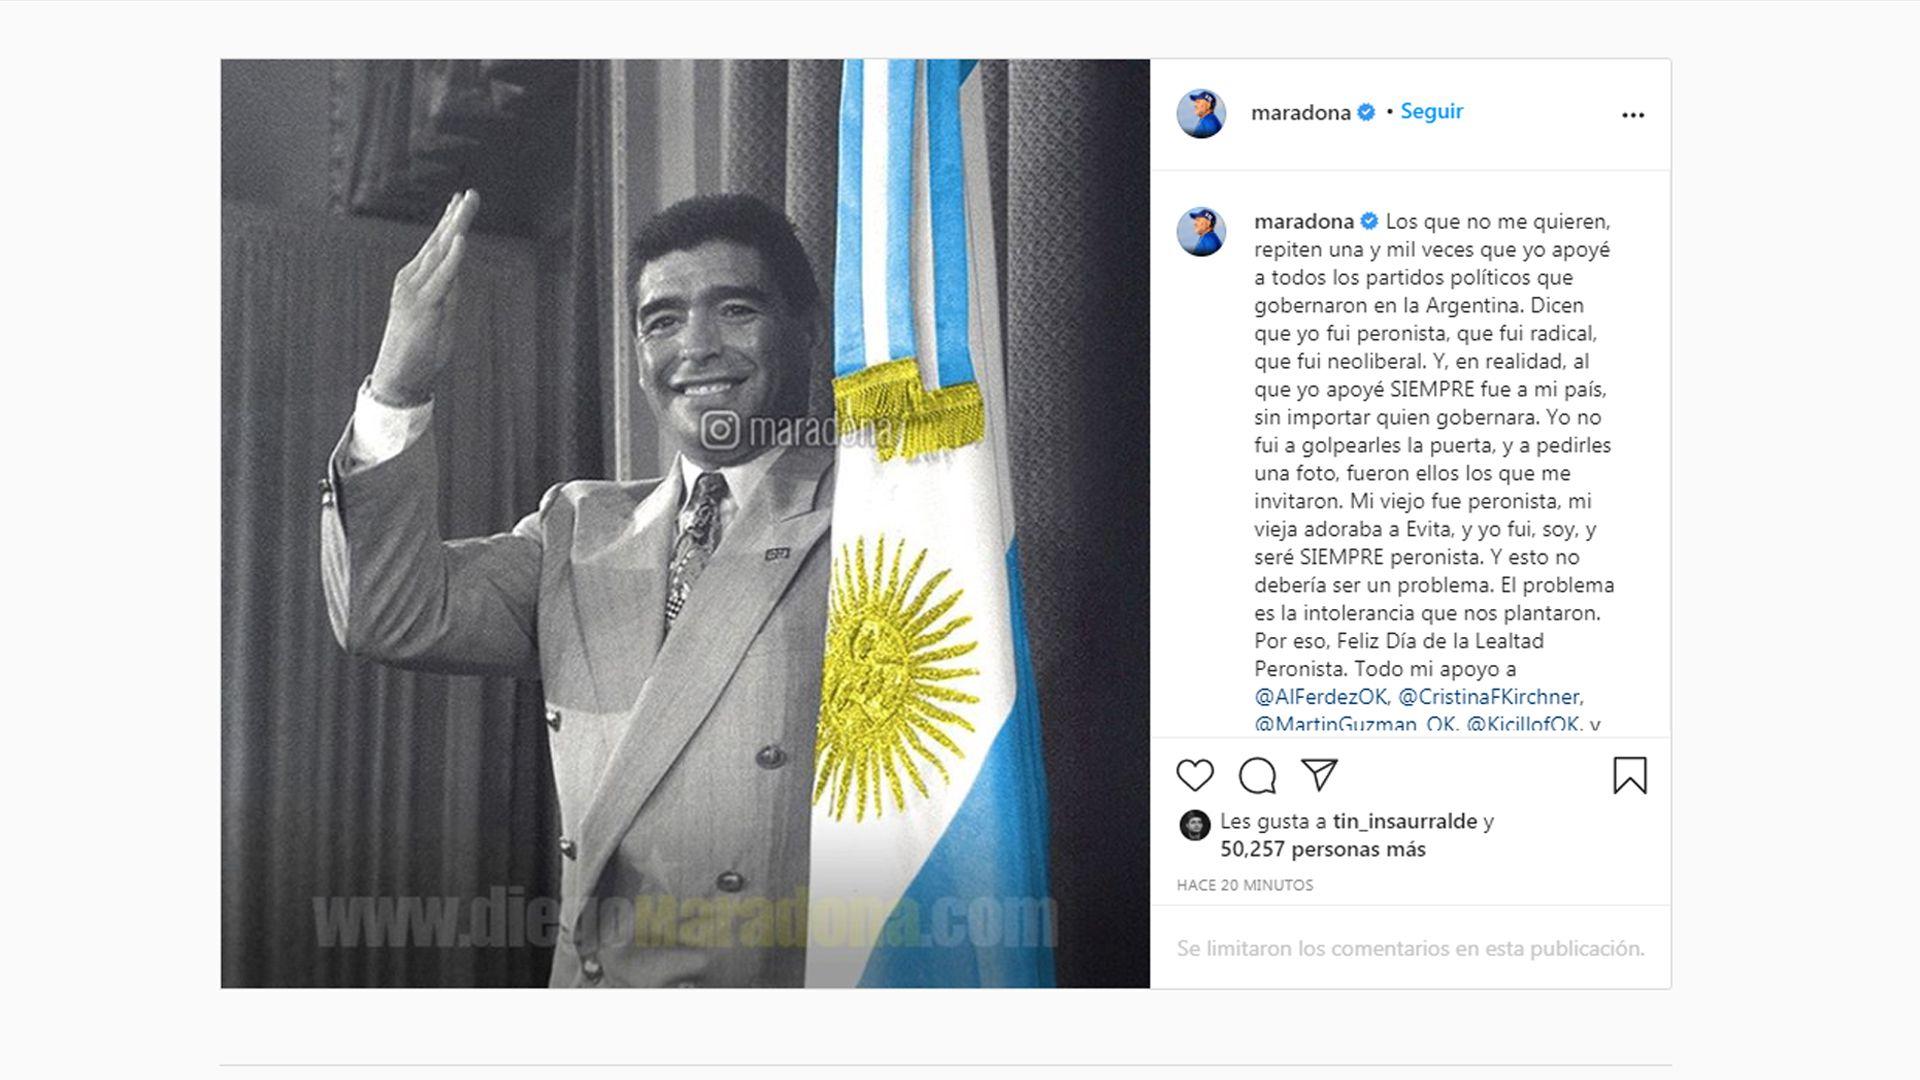 posteo de Maradona para el Día de la Lealtad